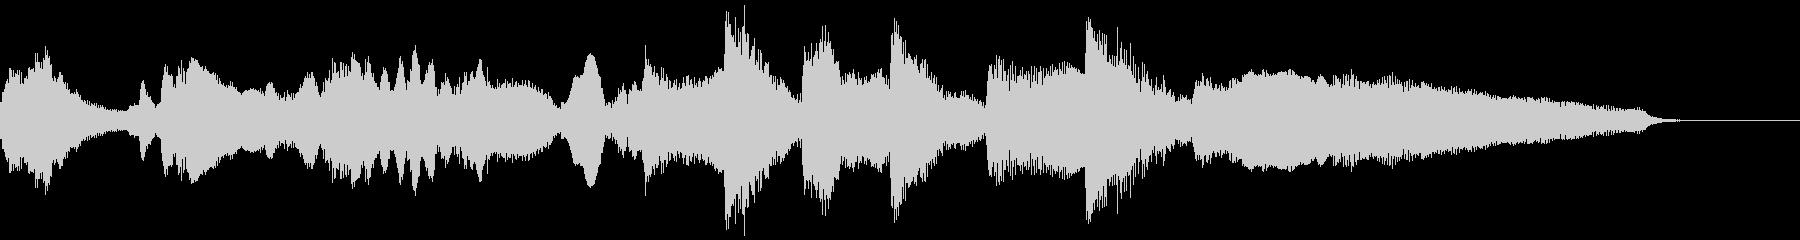 ピアノとチェロのジングル・アイキャッチの未再生の波形